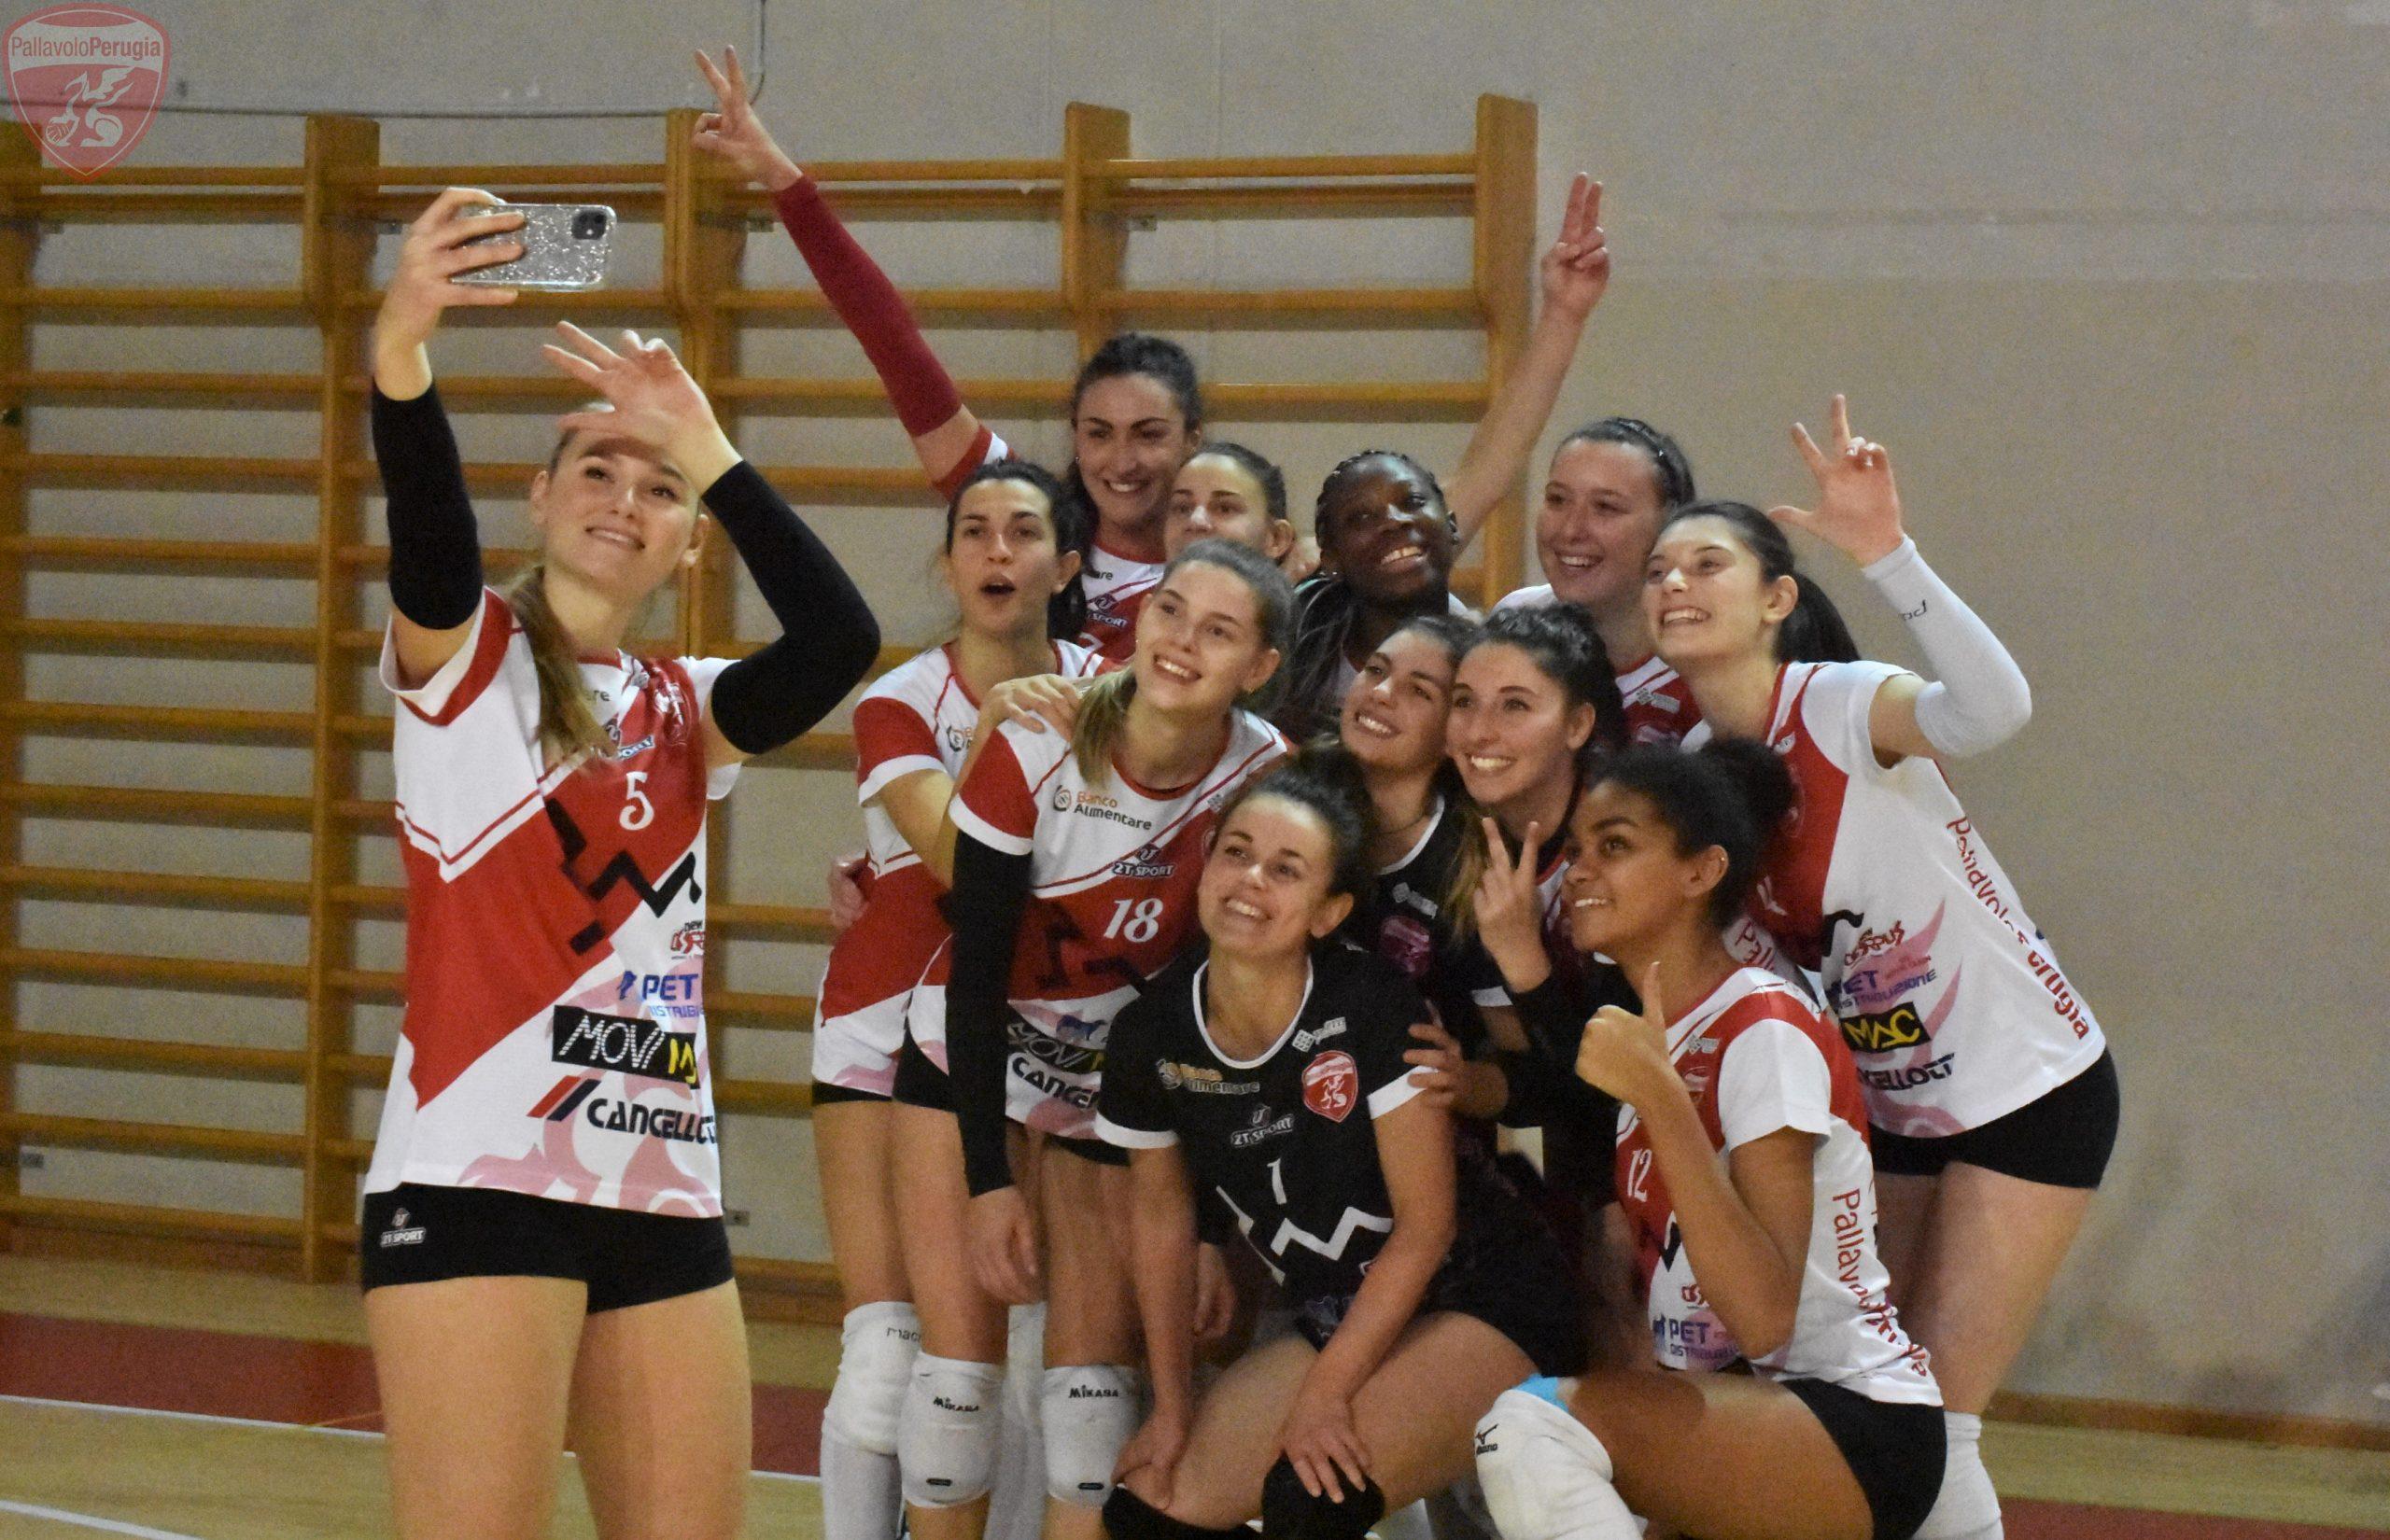 La 3M Perugia dà spettacolo: vittoria da tre punti contro Empoli